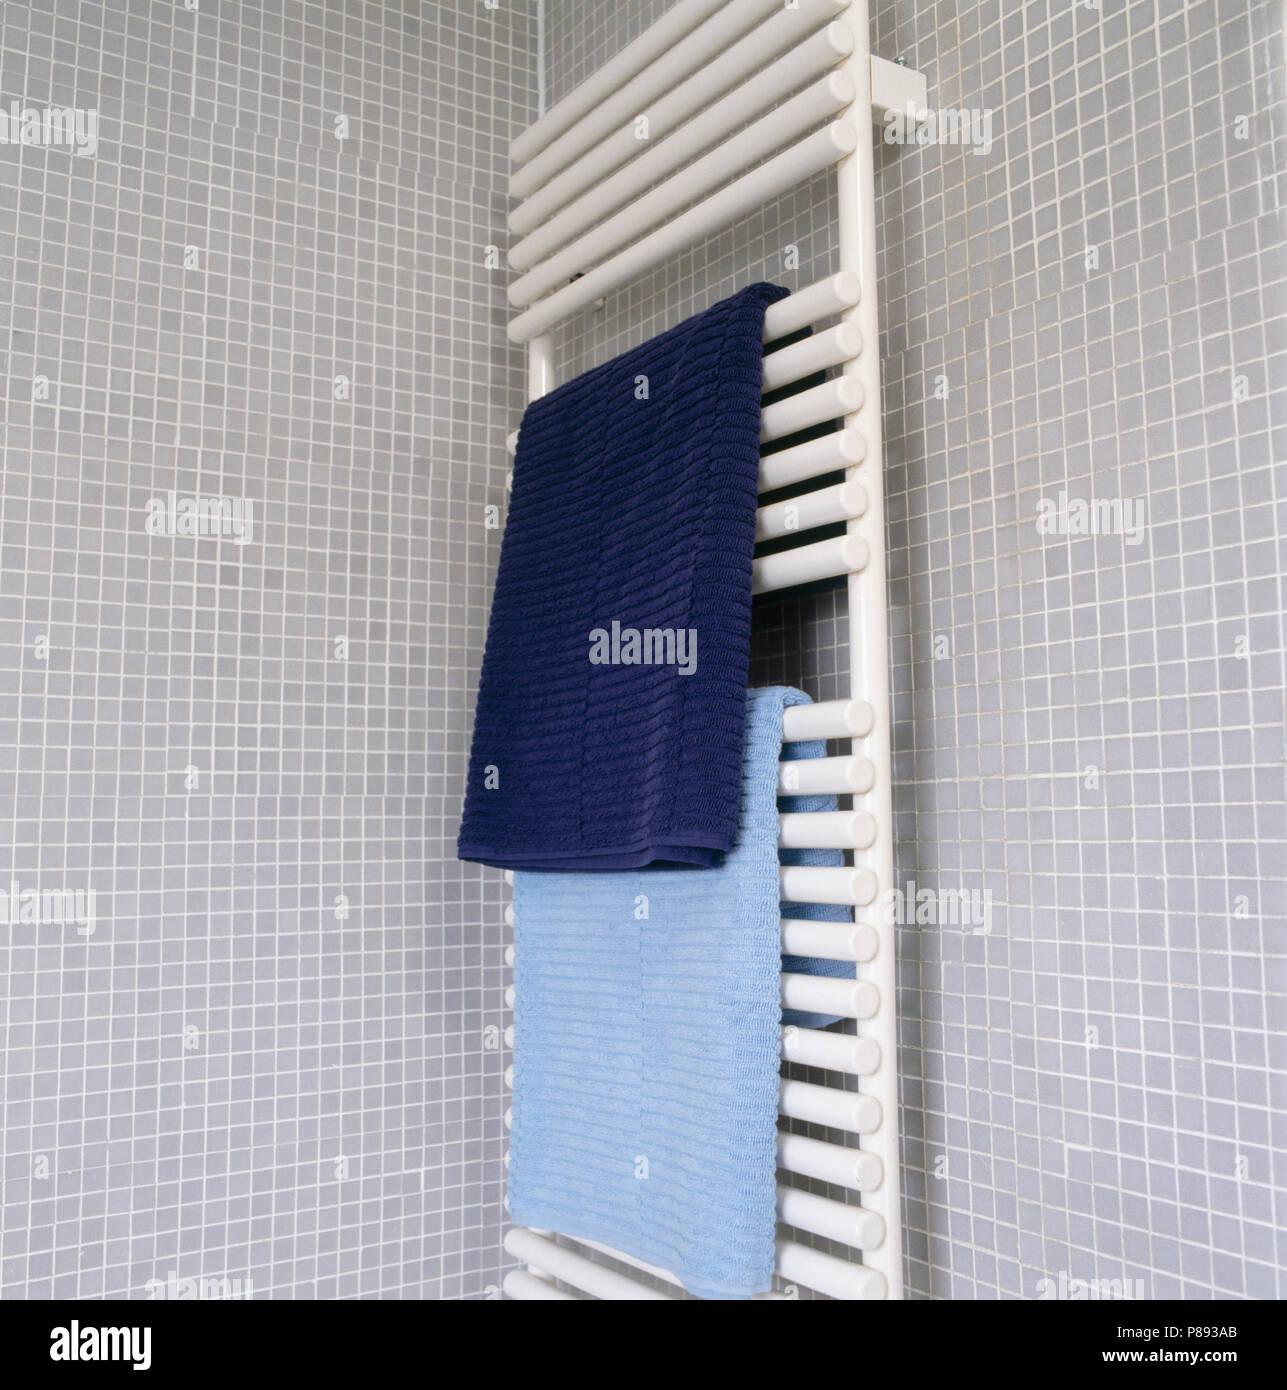 Serviettes Bleu sur blanc serviettes sur mur de salle de ...